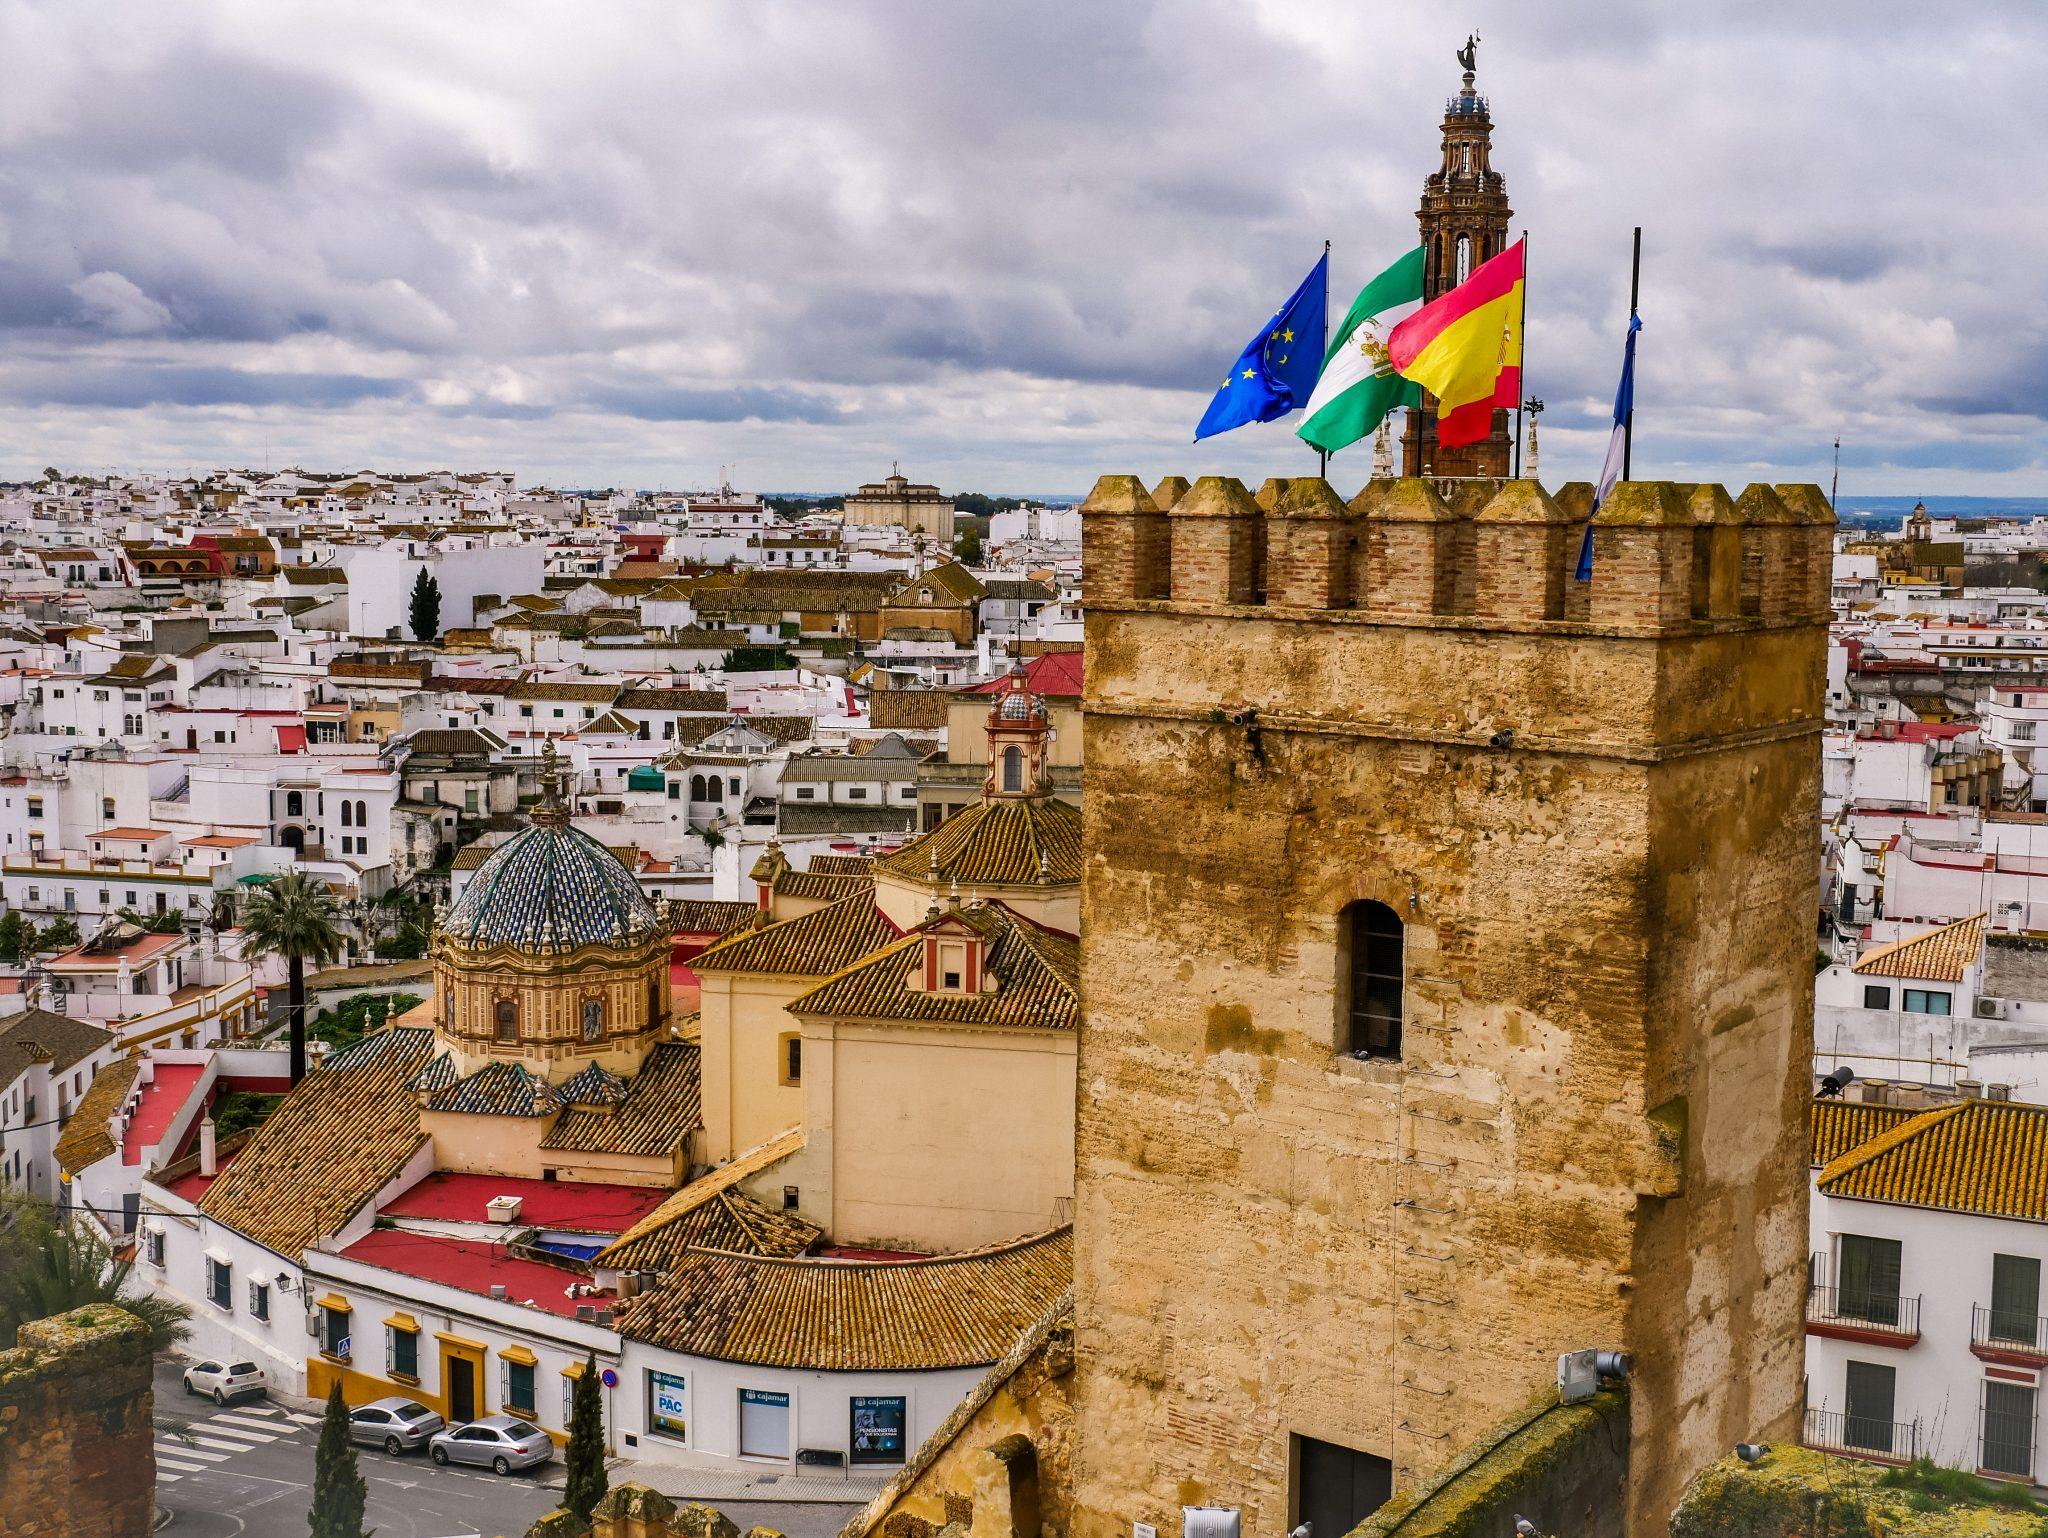 Vom Alcazar in Carmona aus hast du einen wunderschönen Blick auf die Stadt und auf die Kirche Santa Maria la Mayor